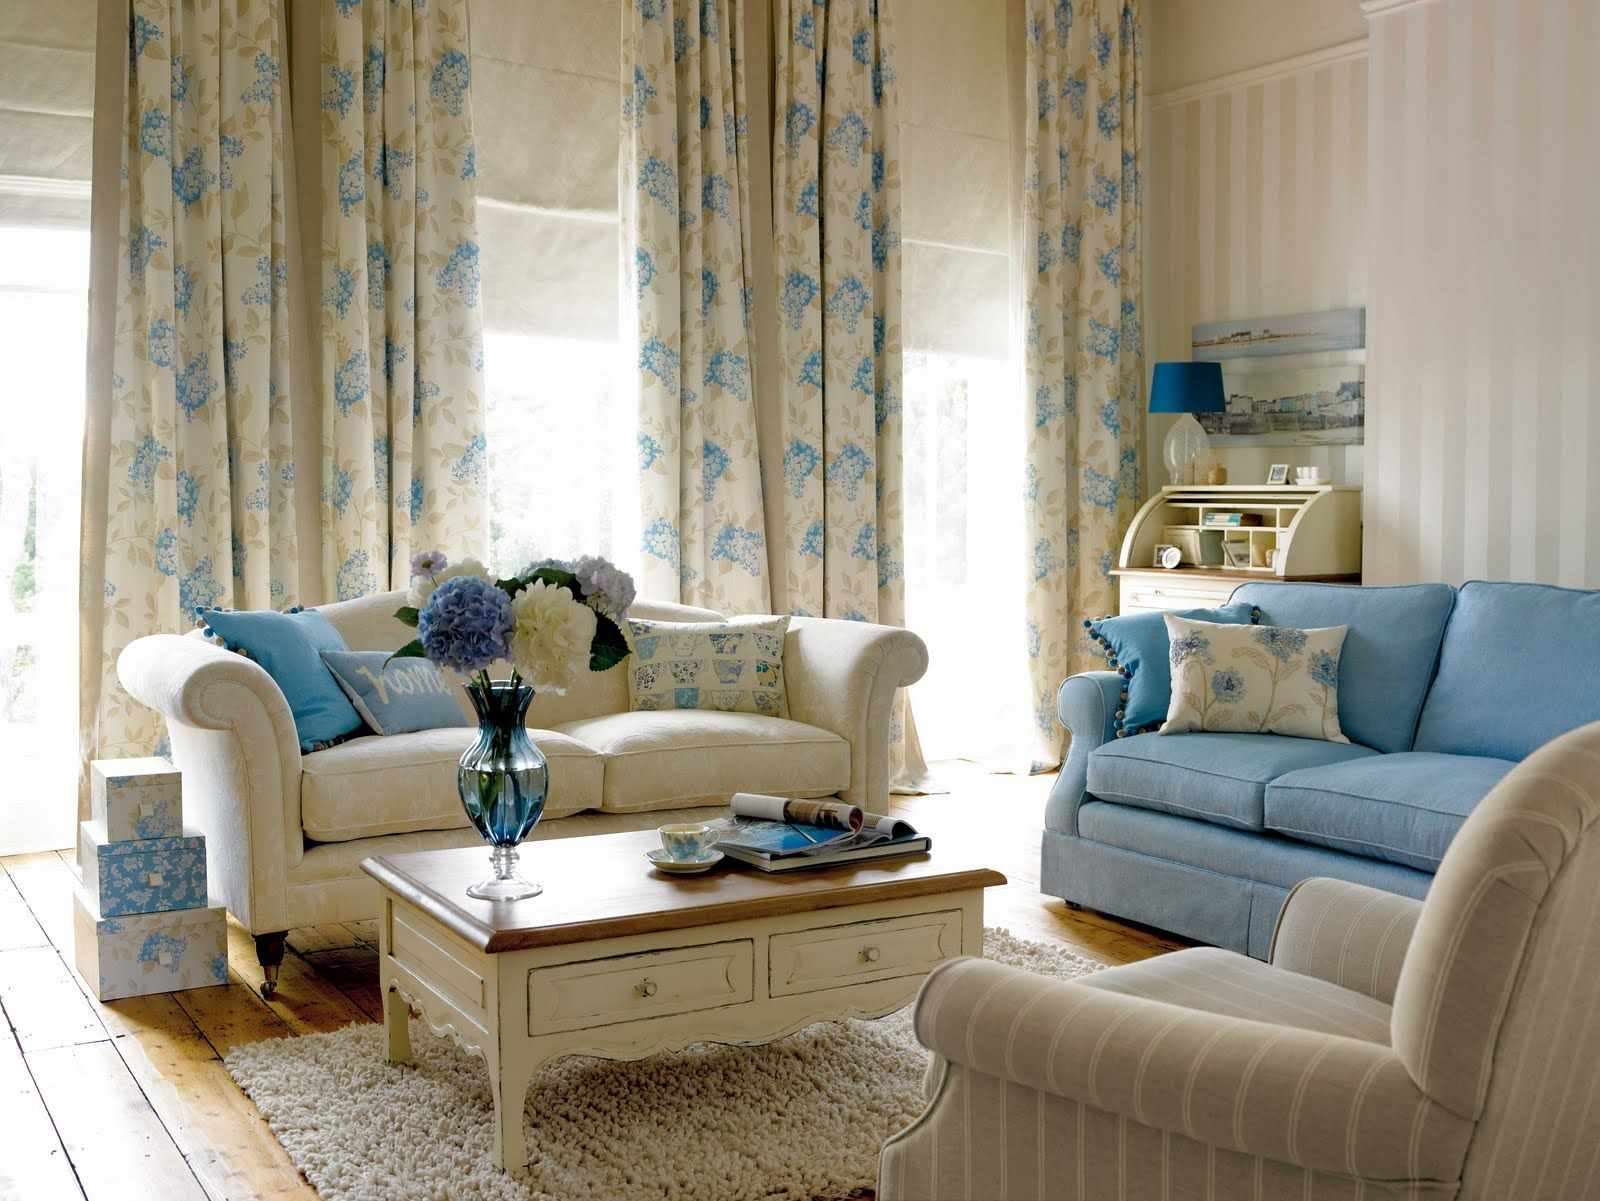 ý tưởng về một phong cách khiêu khích đẹp trong phòng khách